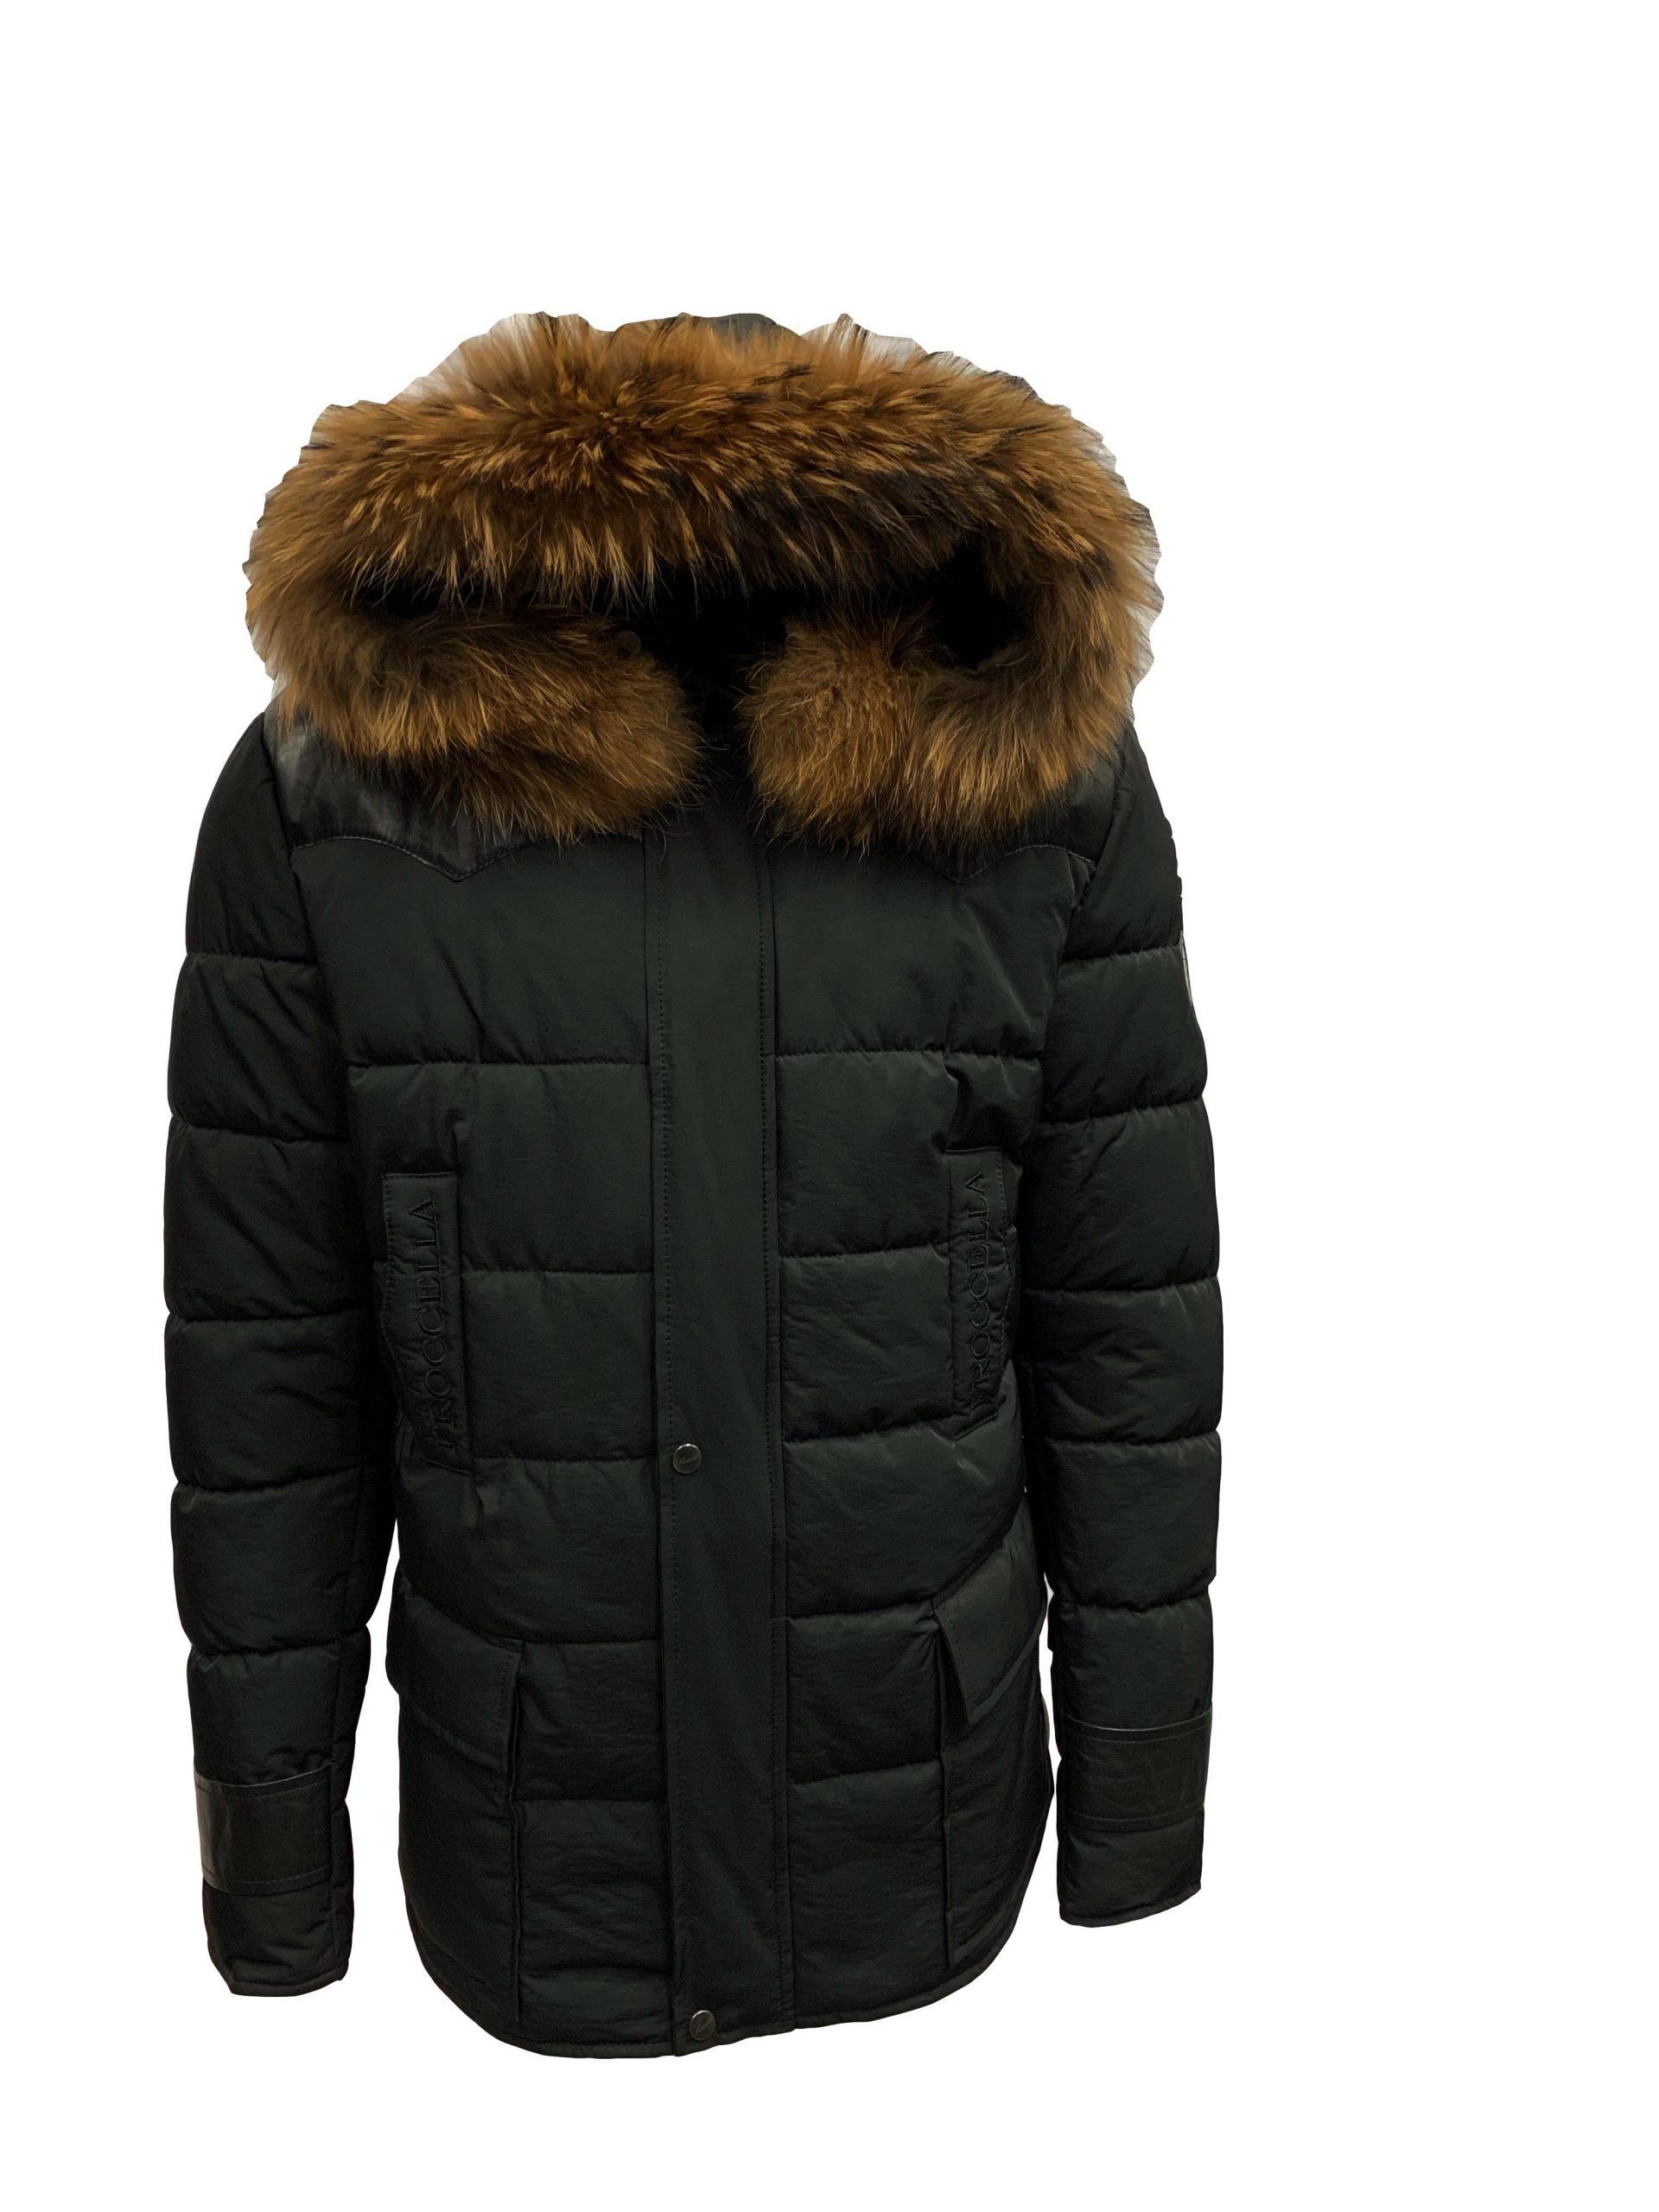 Heren jas zwart met bontkraag Pariso